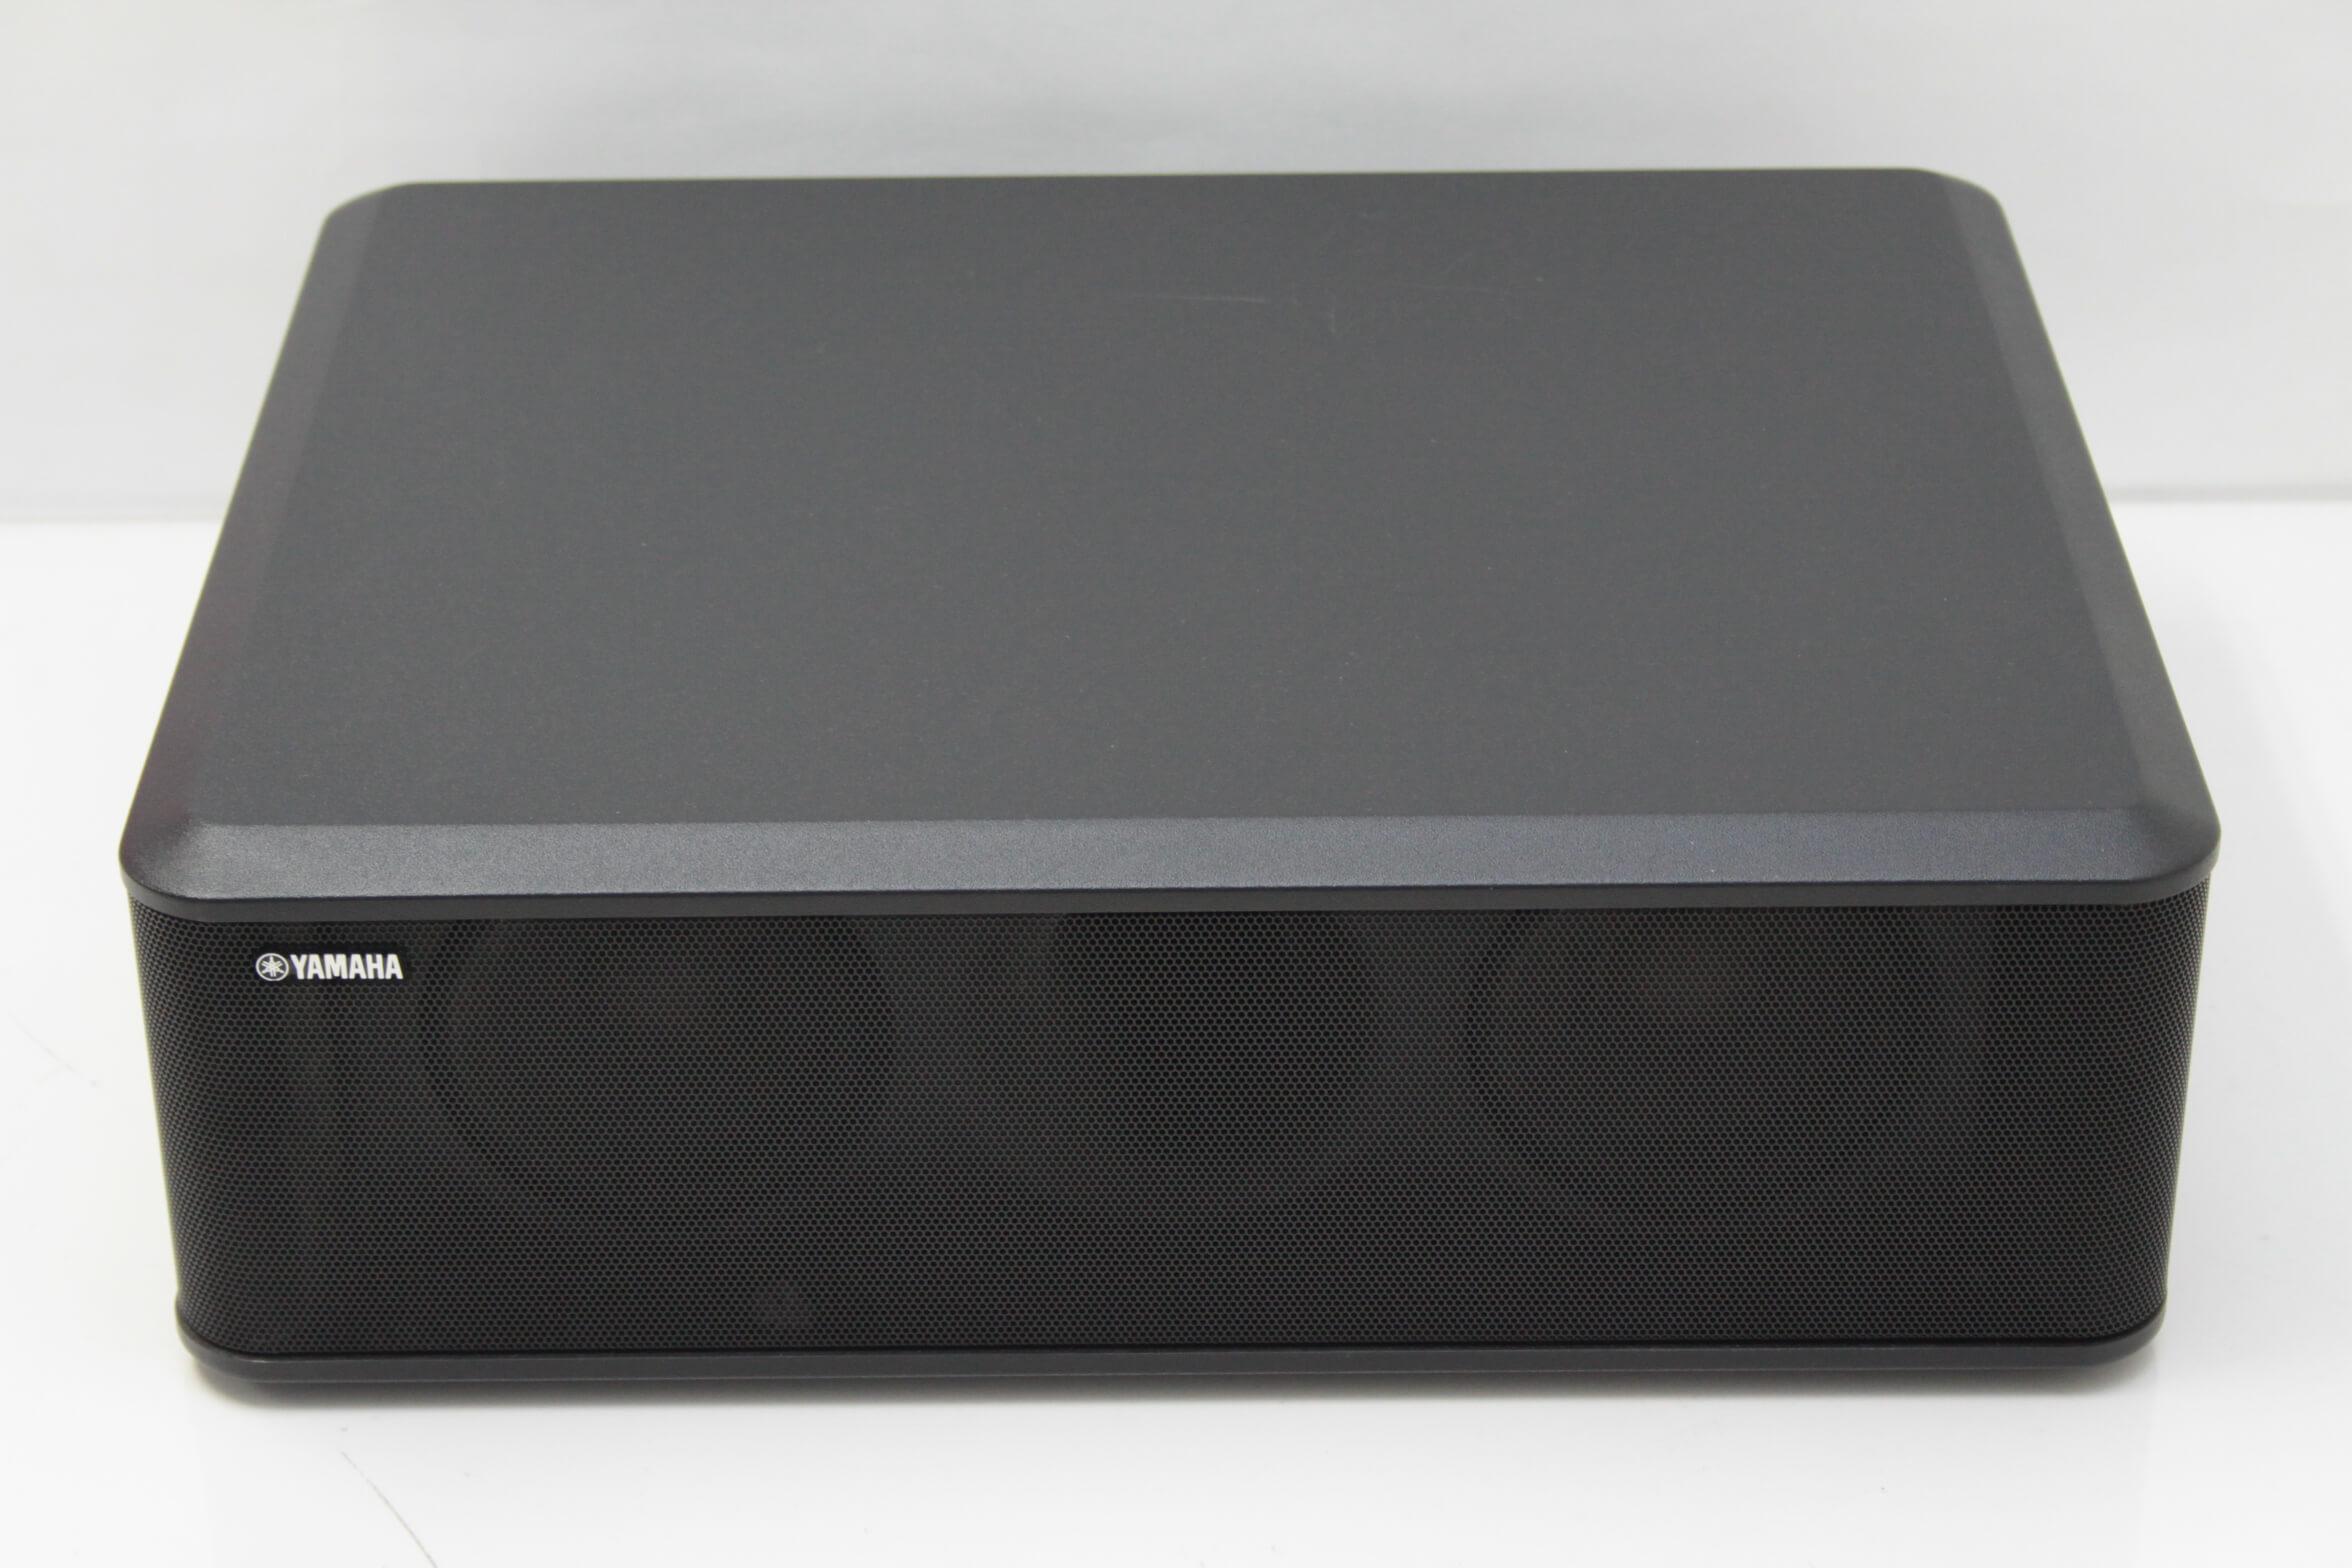 YAMAHAのYSP-2200を買い取りさせていただきました!